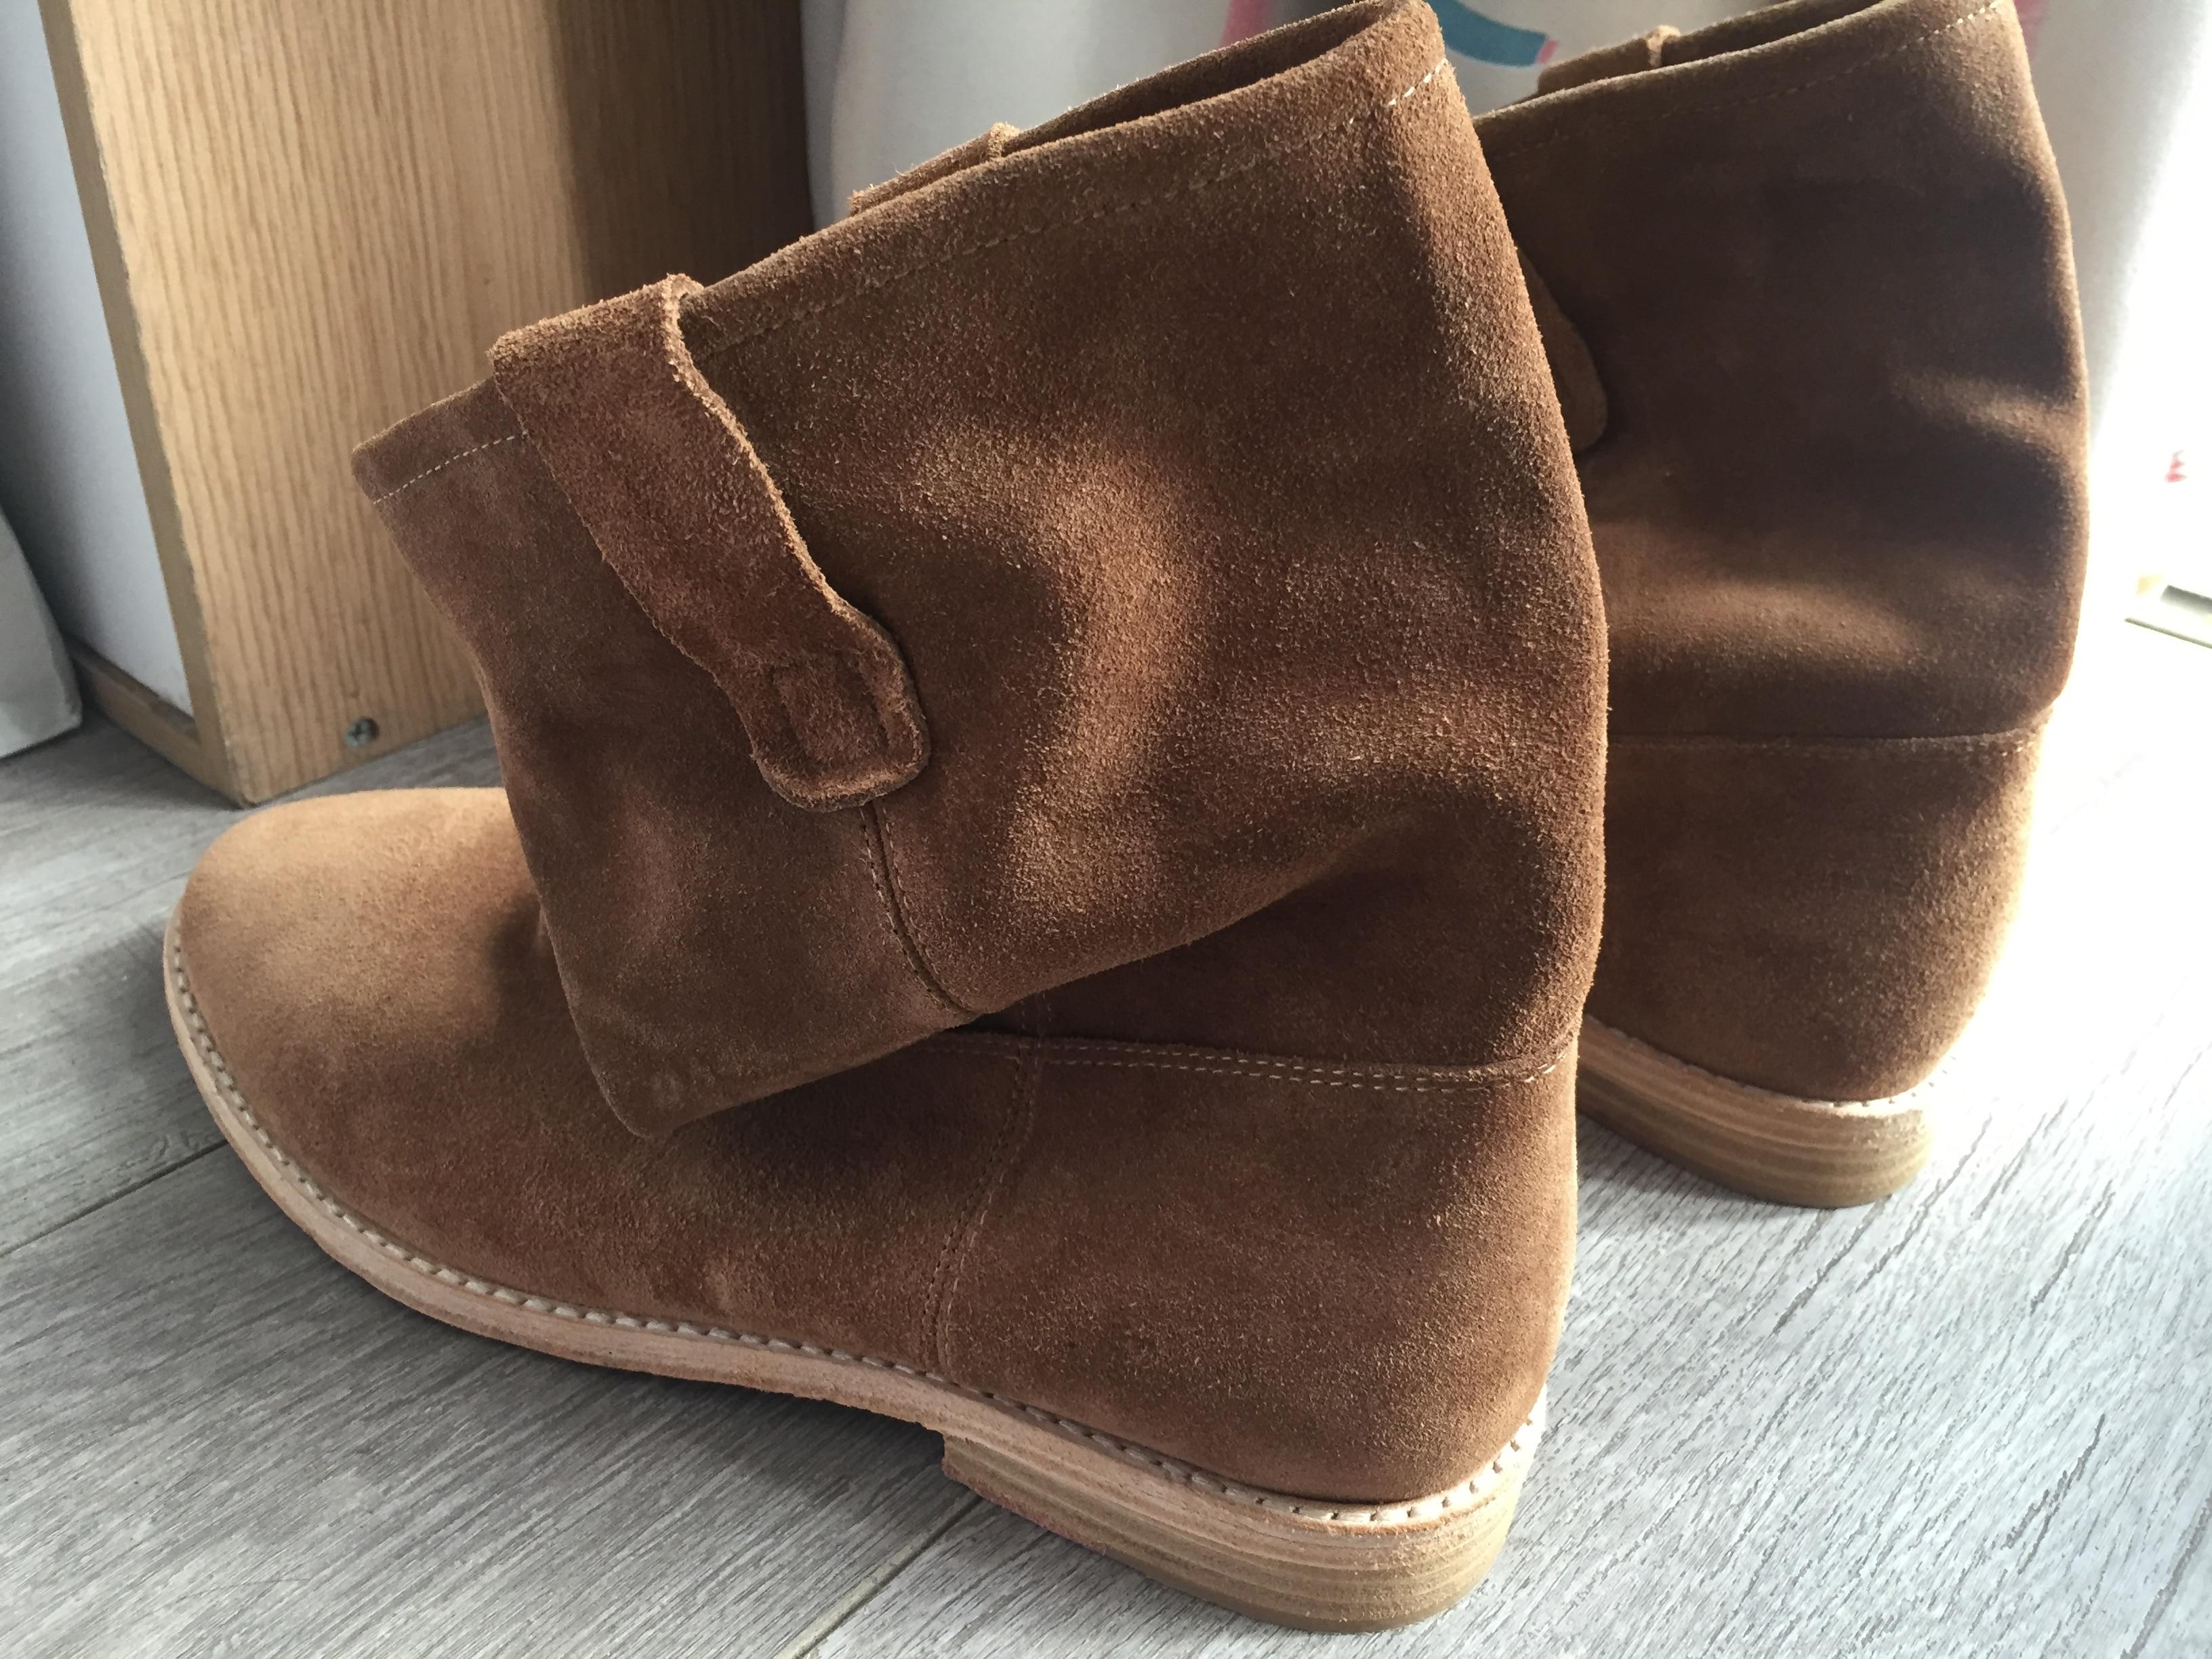 Ayakk.'ten Ayak Bileği Çizmeler'de Sıkıntı Düz/Yükseklik Artan Topuklu Rahat yarım çizmeler Retro Kovboy Çizmeleri Coy Deri Batı Çizmeler Yüksek Moda Kadın Ayakkabı'da  Grup 2